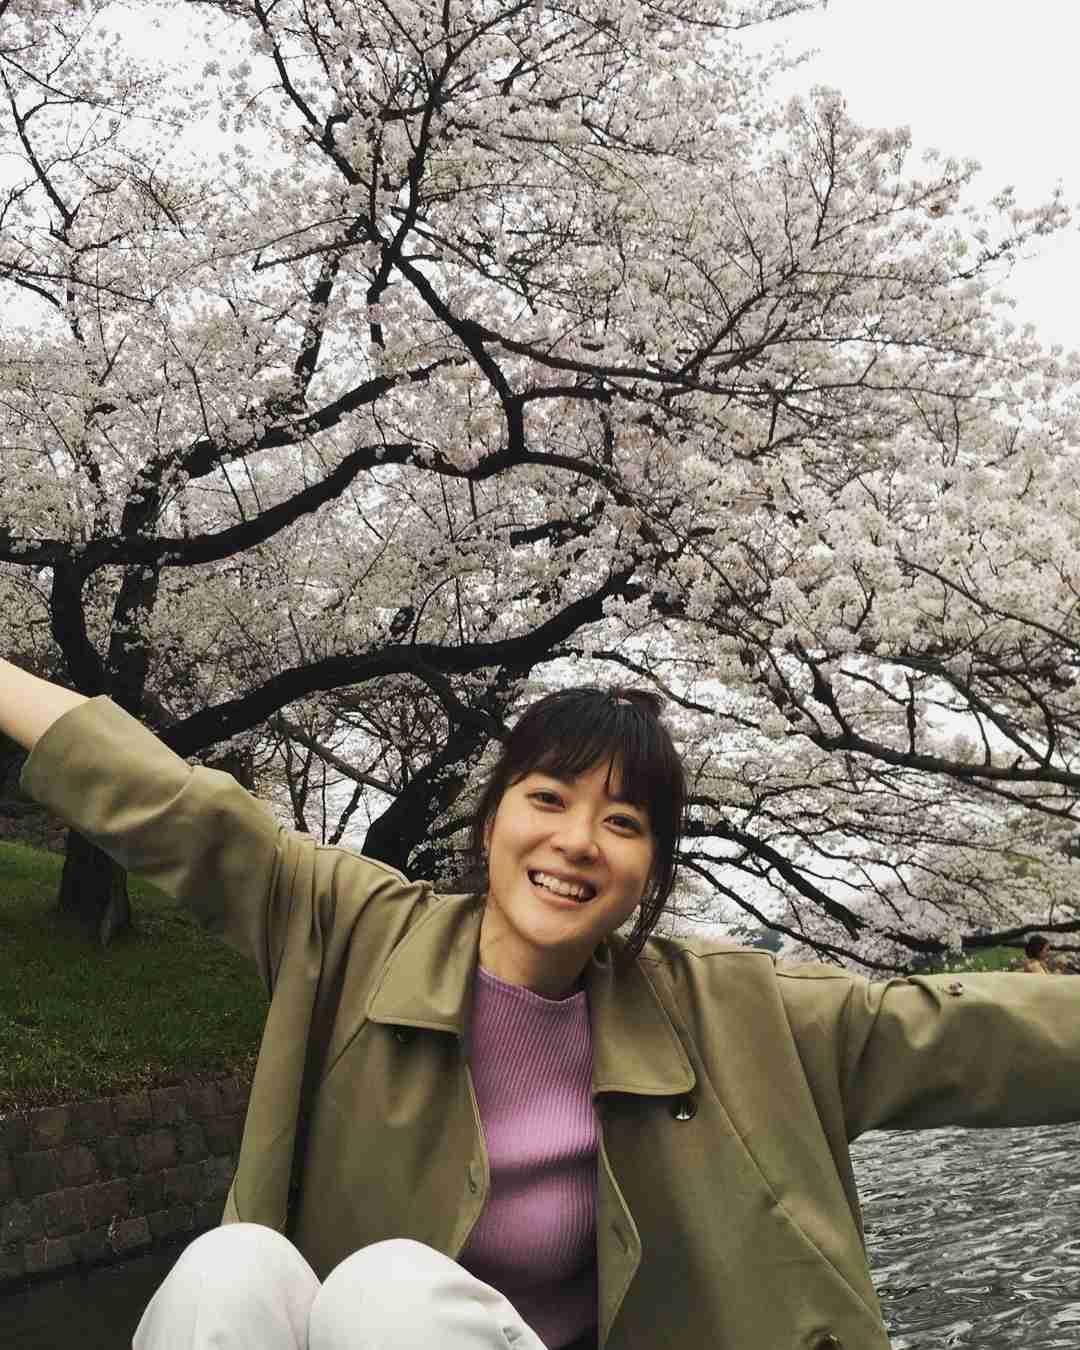 トライセラ和田、妻・上野樹里と桜満開の千鳥ヶ淵でボートデート 称賛の声続々